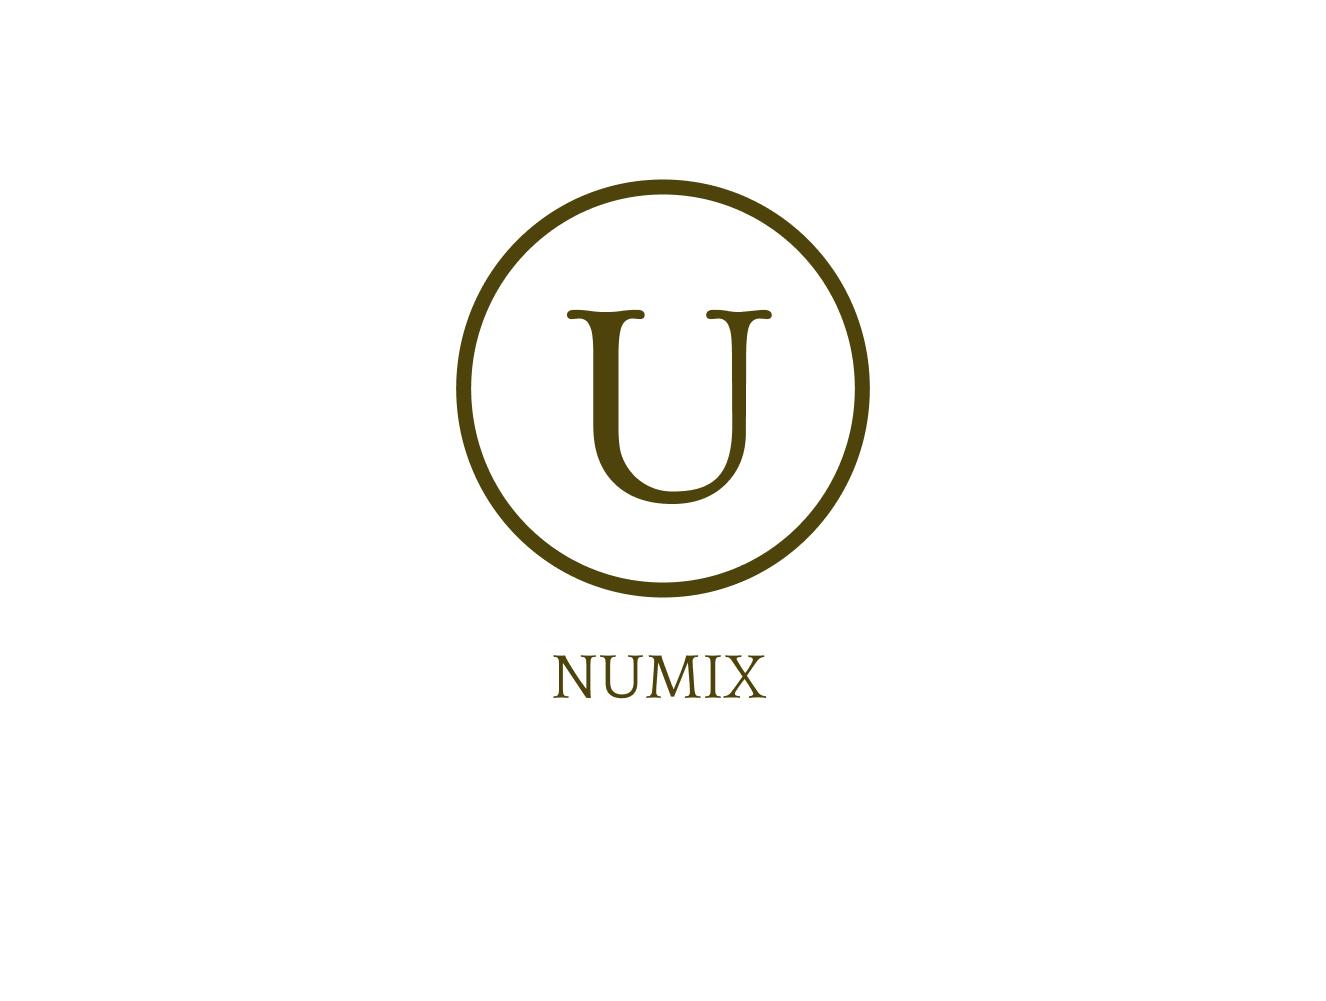 Логотип для интернет-магазина фото f_7645ec940a7336fd.png